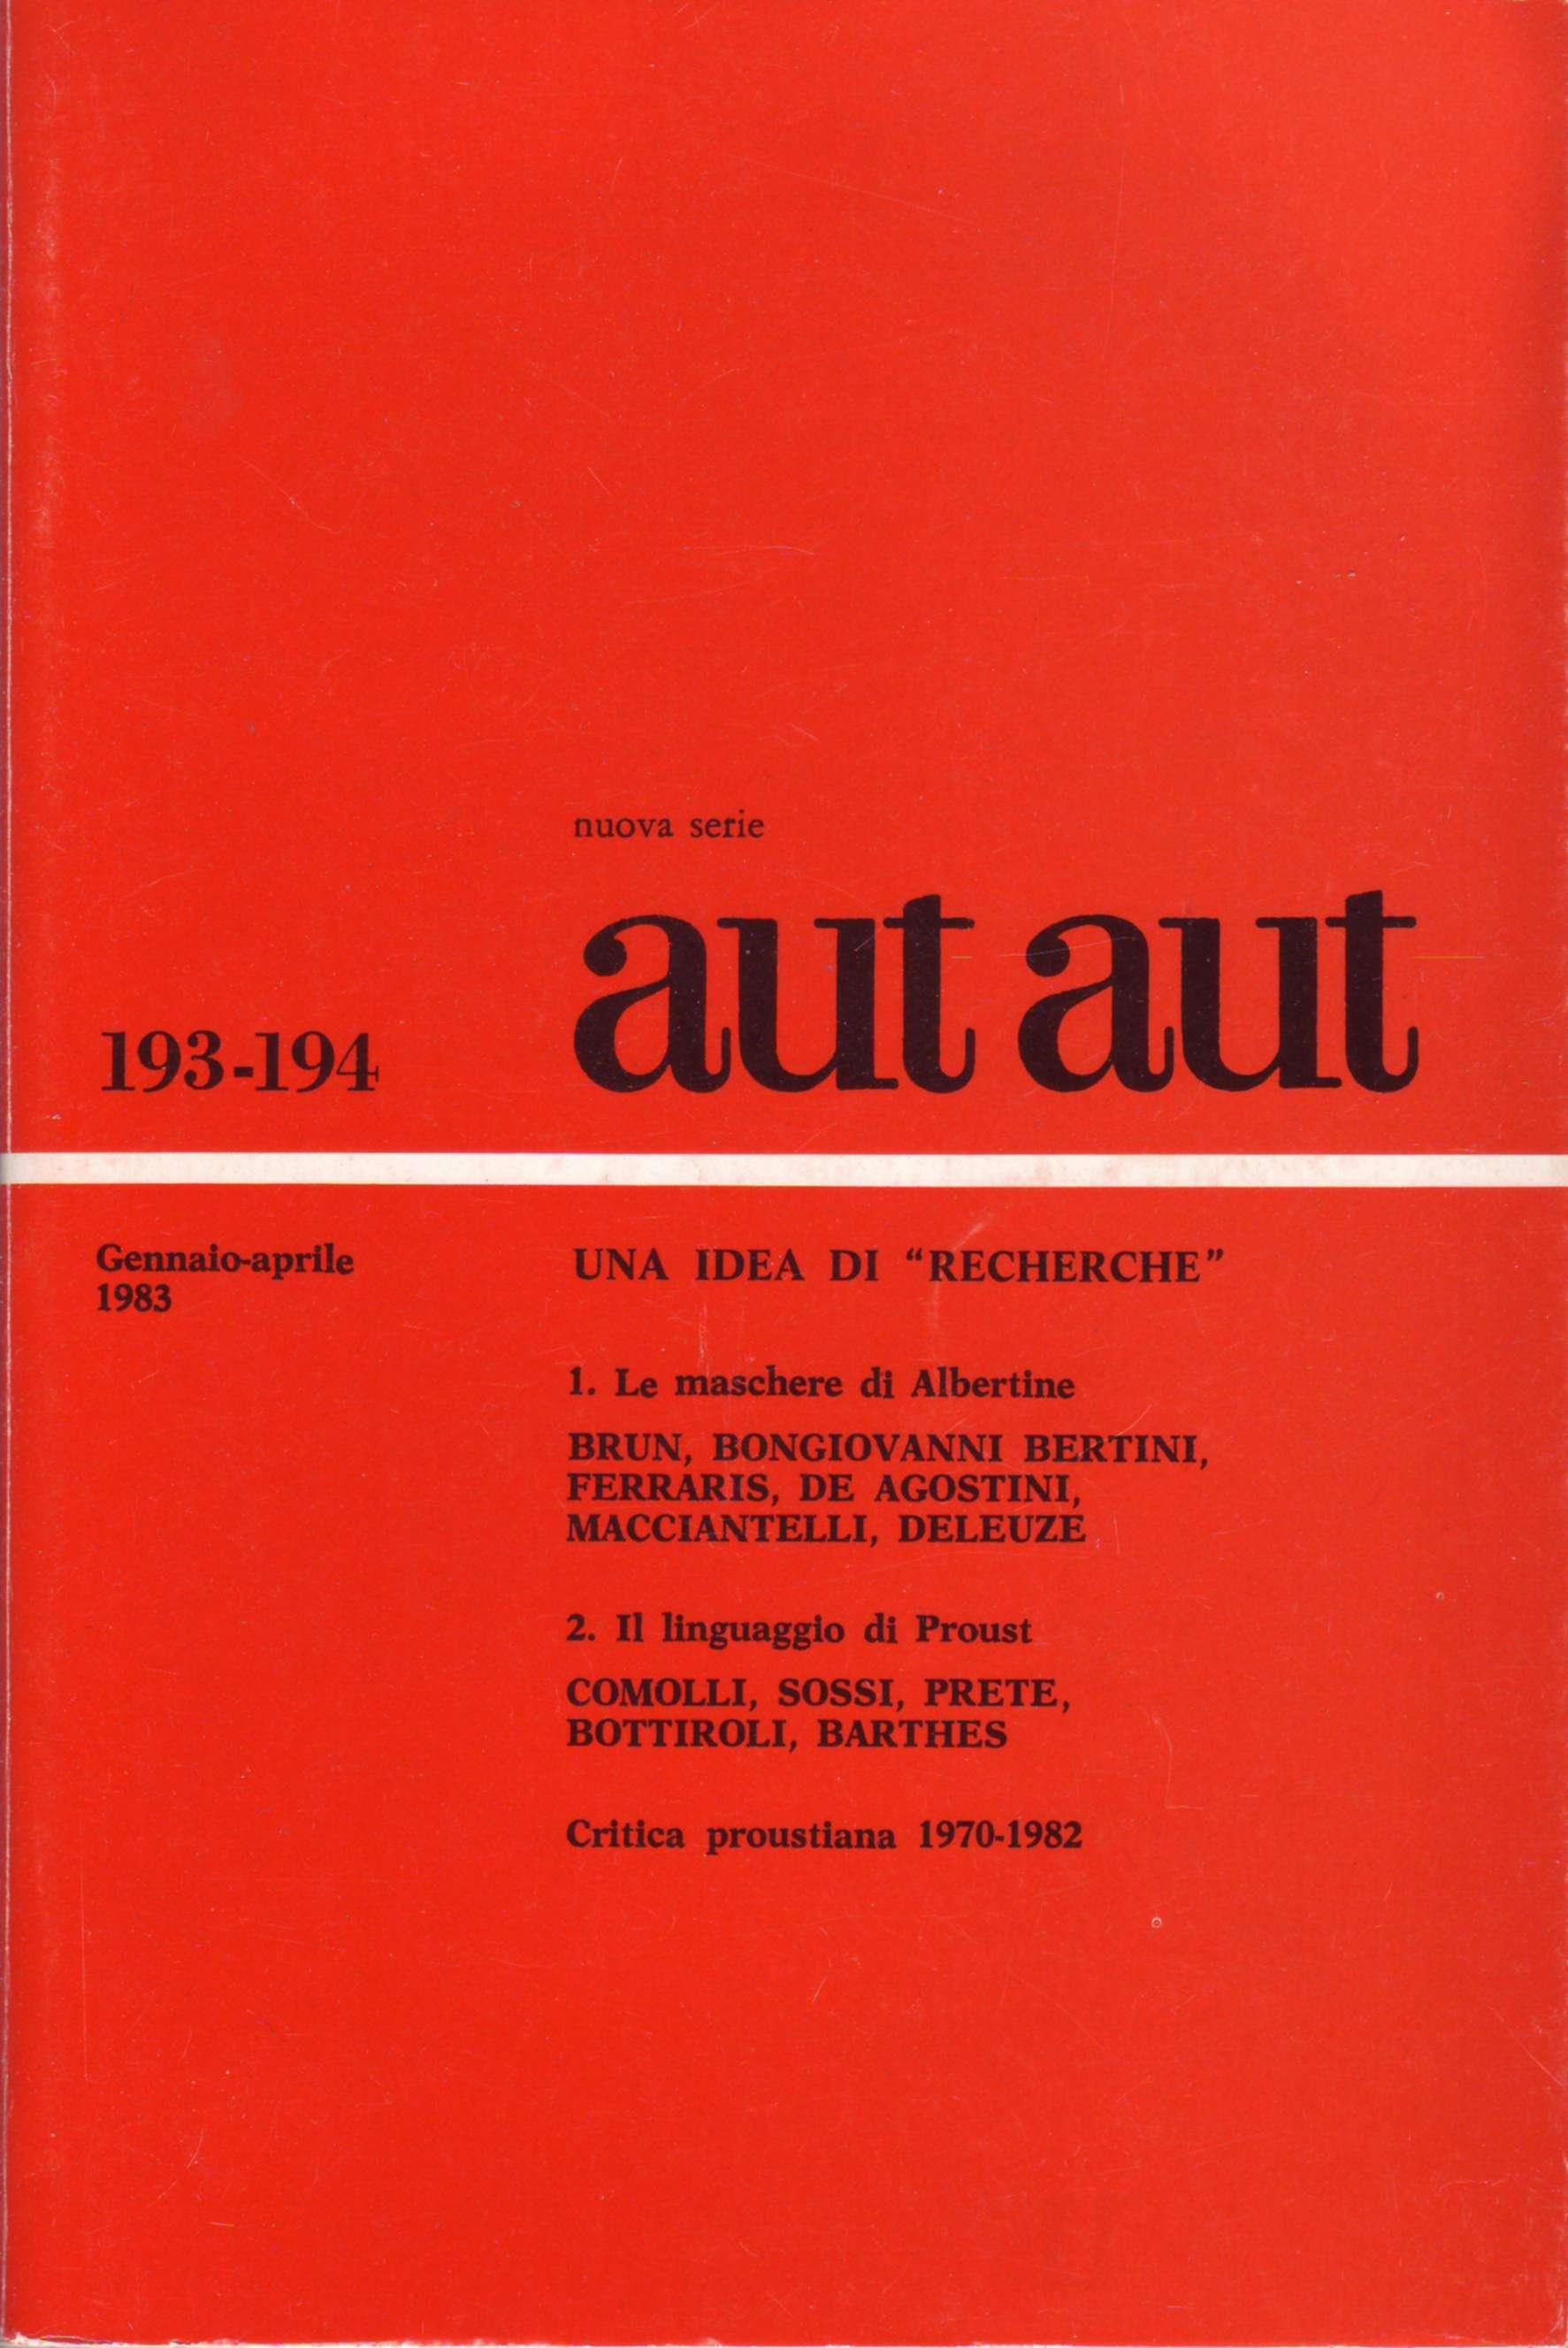 Aut aut n. 193-194 /...